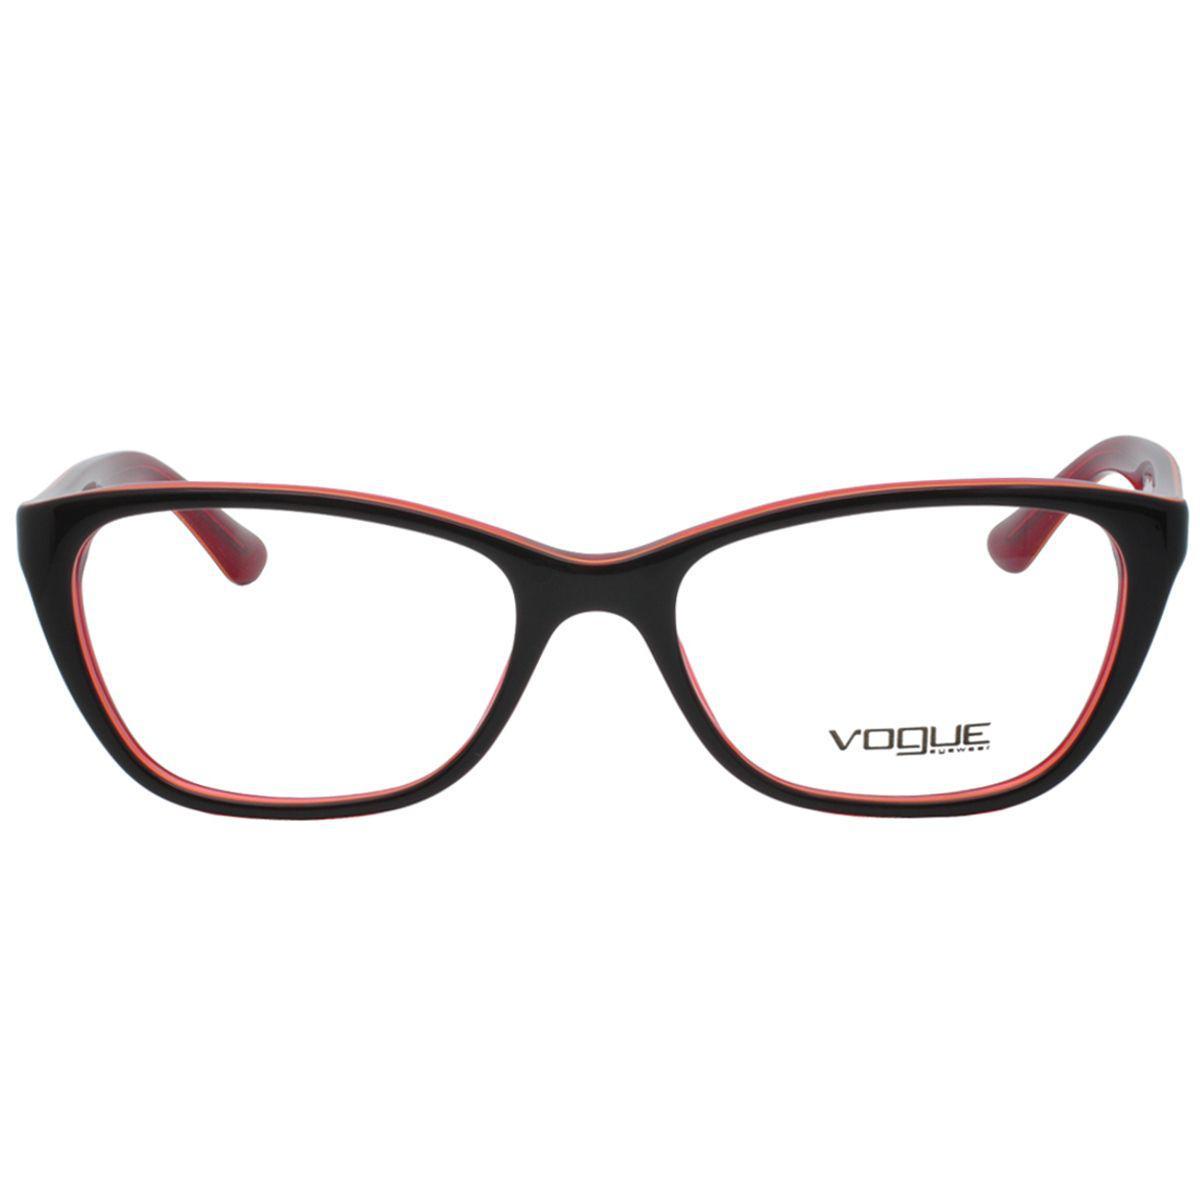 c380a9838665d Óculos de Grau Vogue Feminino VO2961 2312 - Acetato Vermelho Produto não  disponível